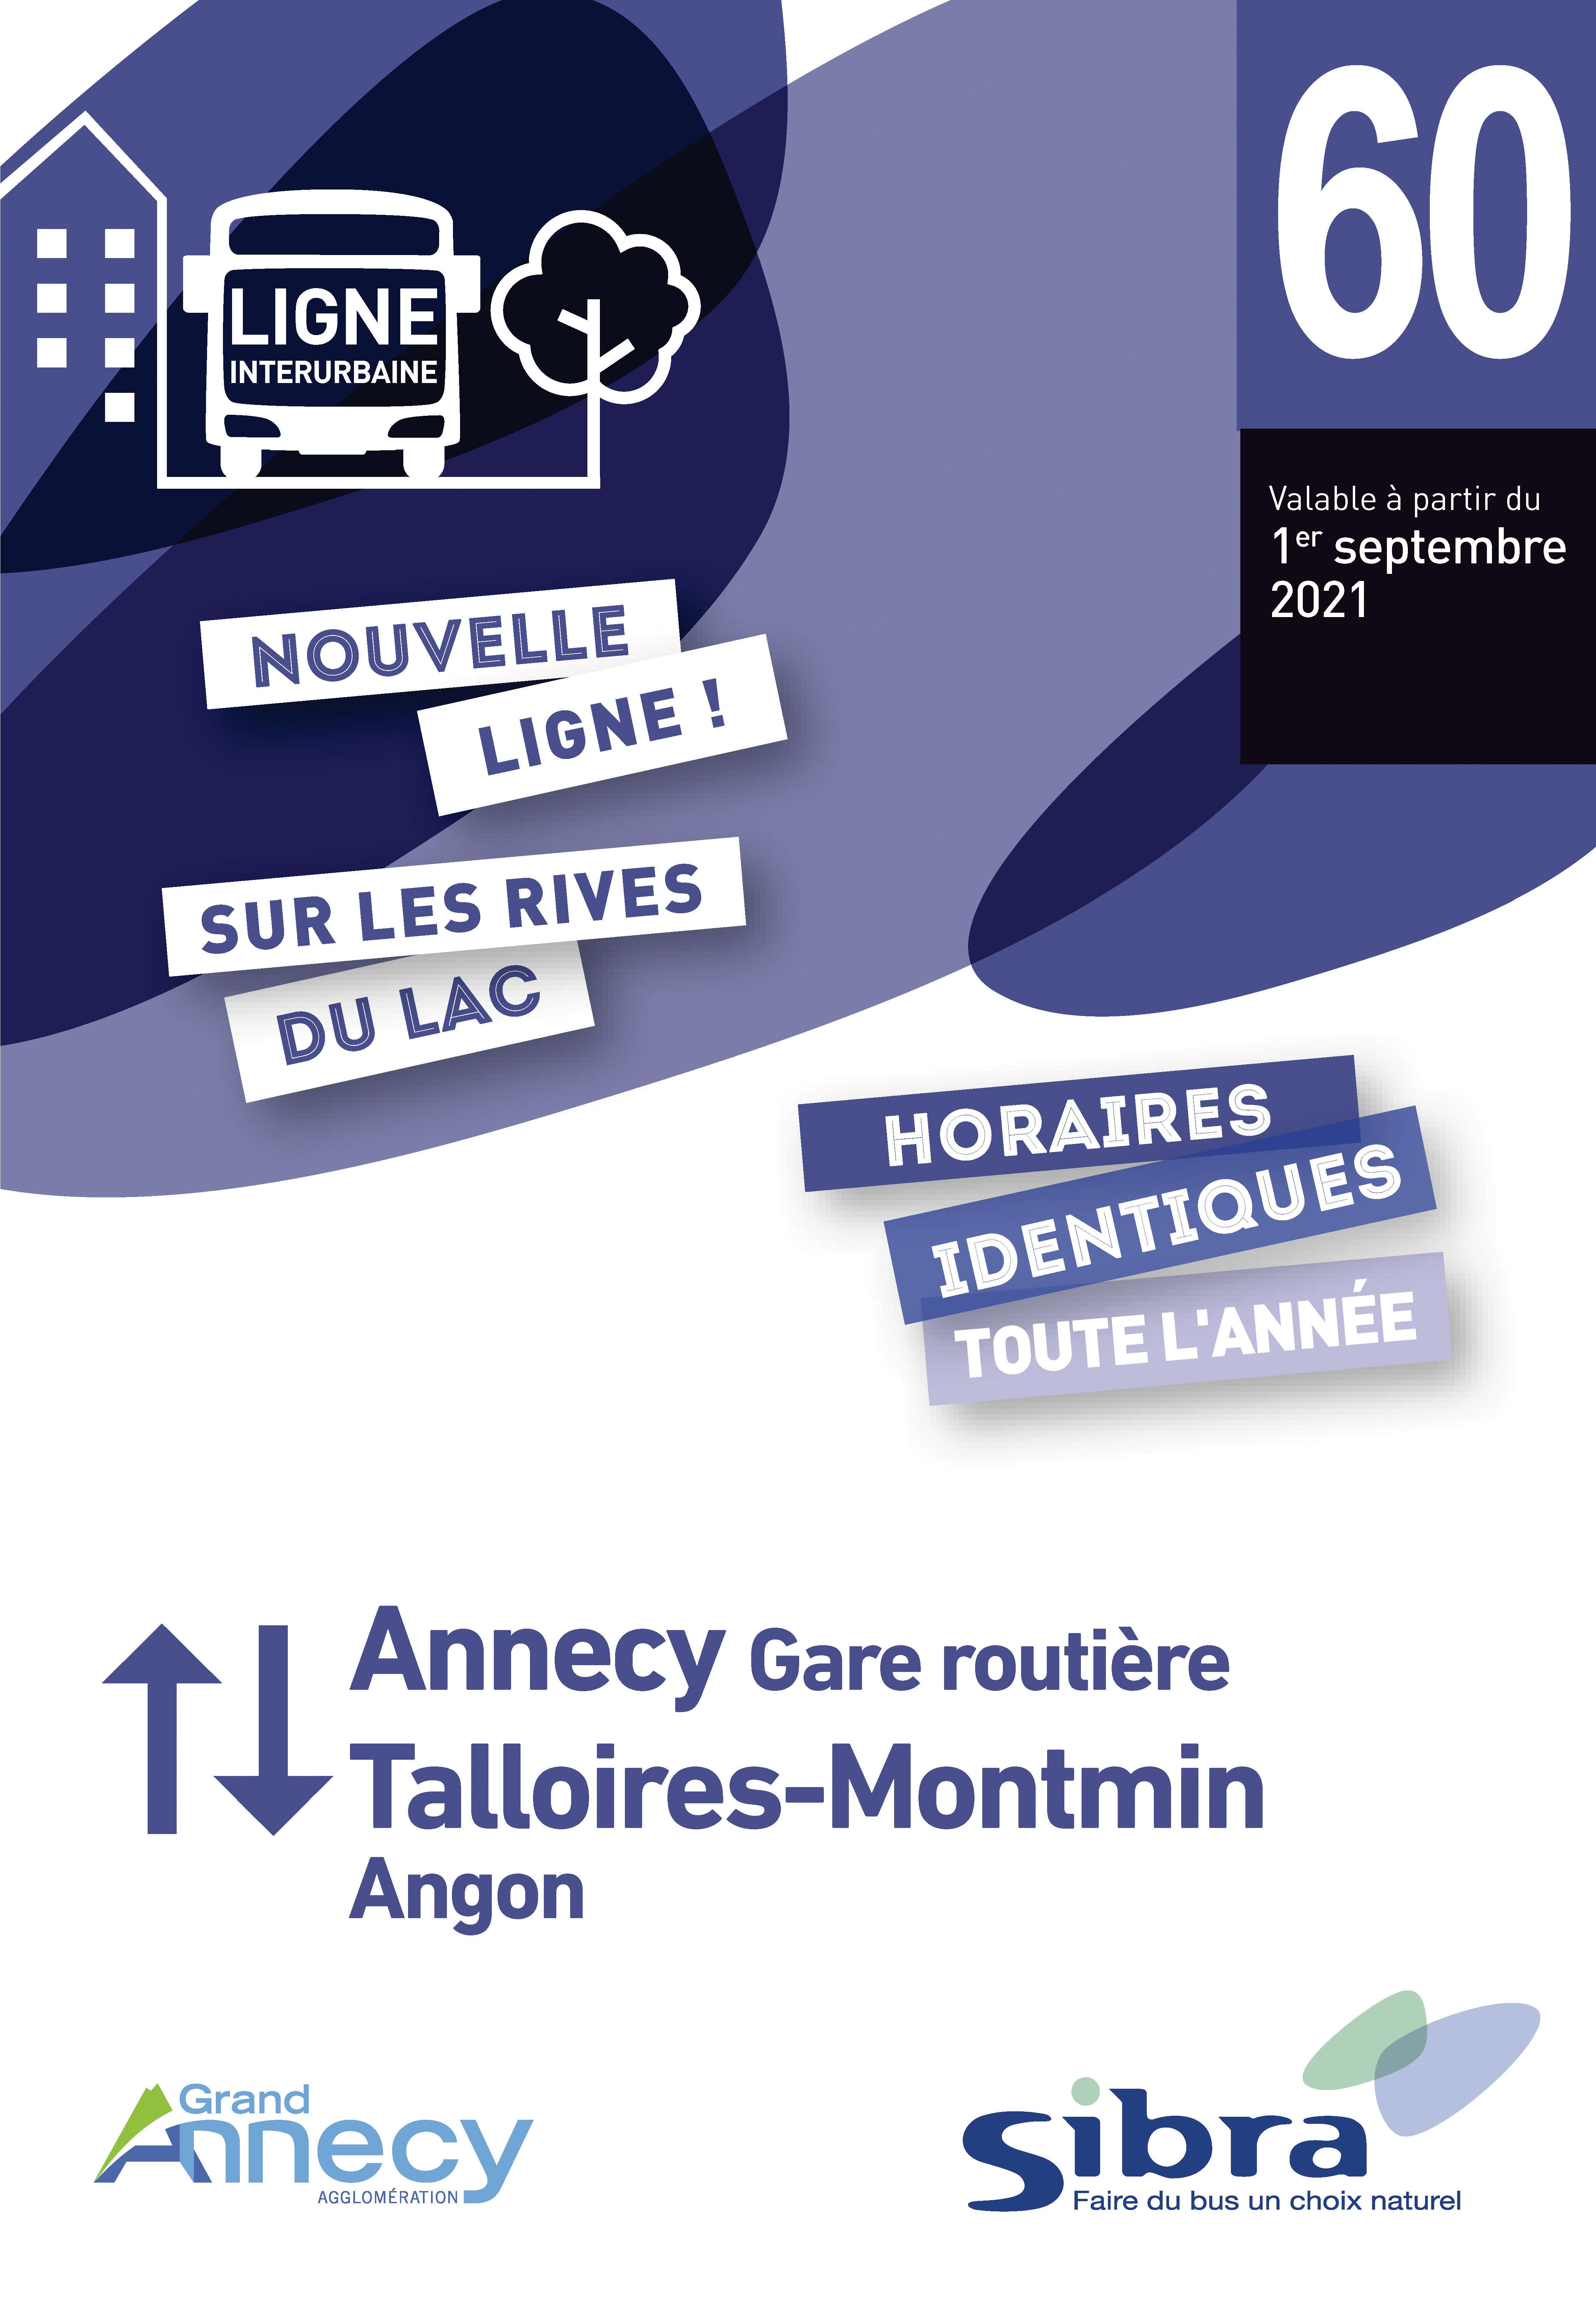 Couverture Fiche Horaire Ligne 60 - Août 2021